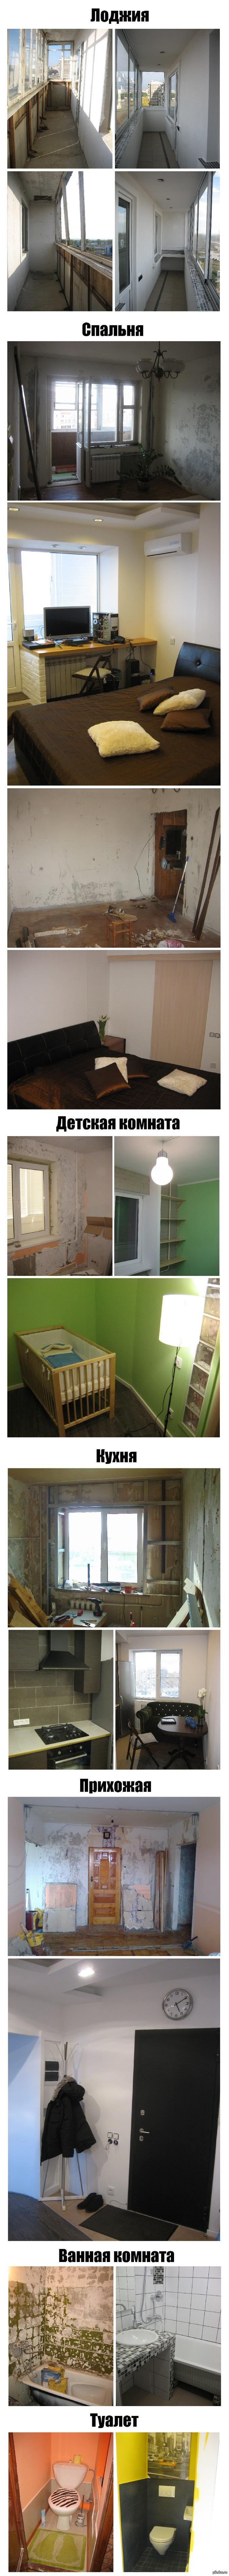 """Сделал ремонт в квартире... ...все сам, как говорится """"без родителей и кредитов"""", сделал за 2 года, потратили около 650.000 руб. На фото: до и после.  ремонт, длинопост"""